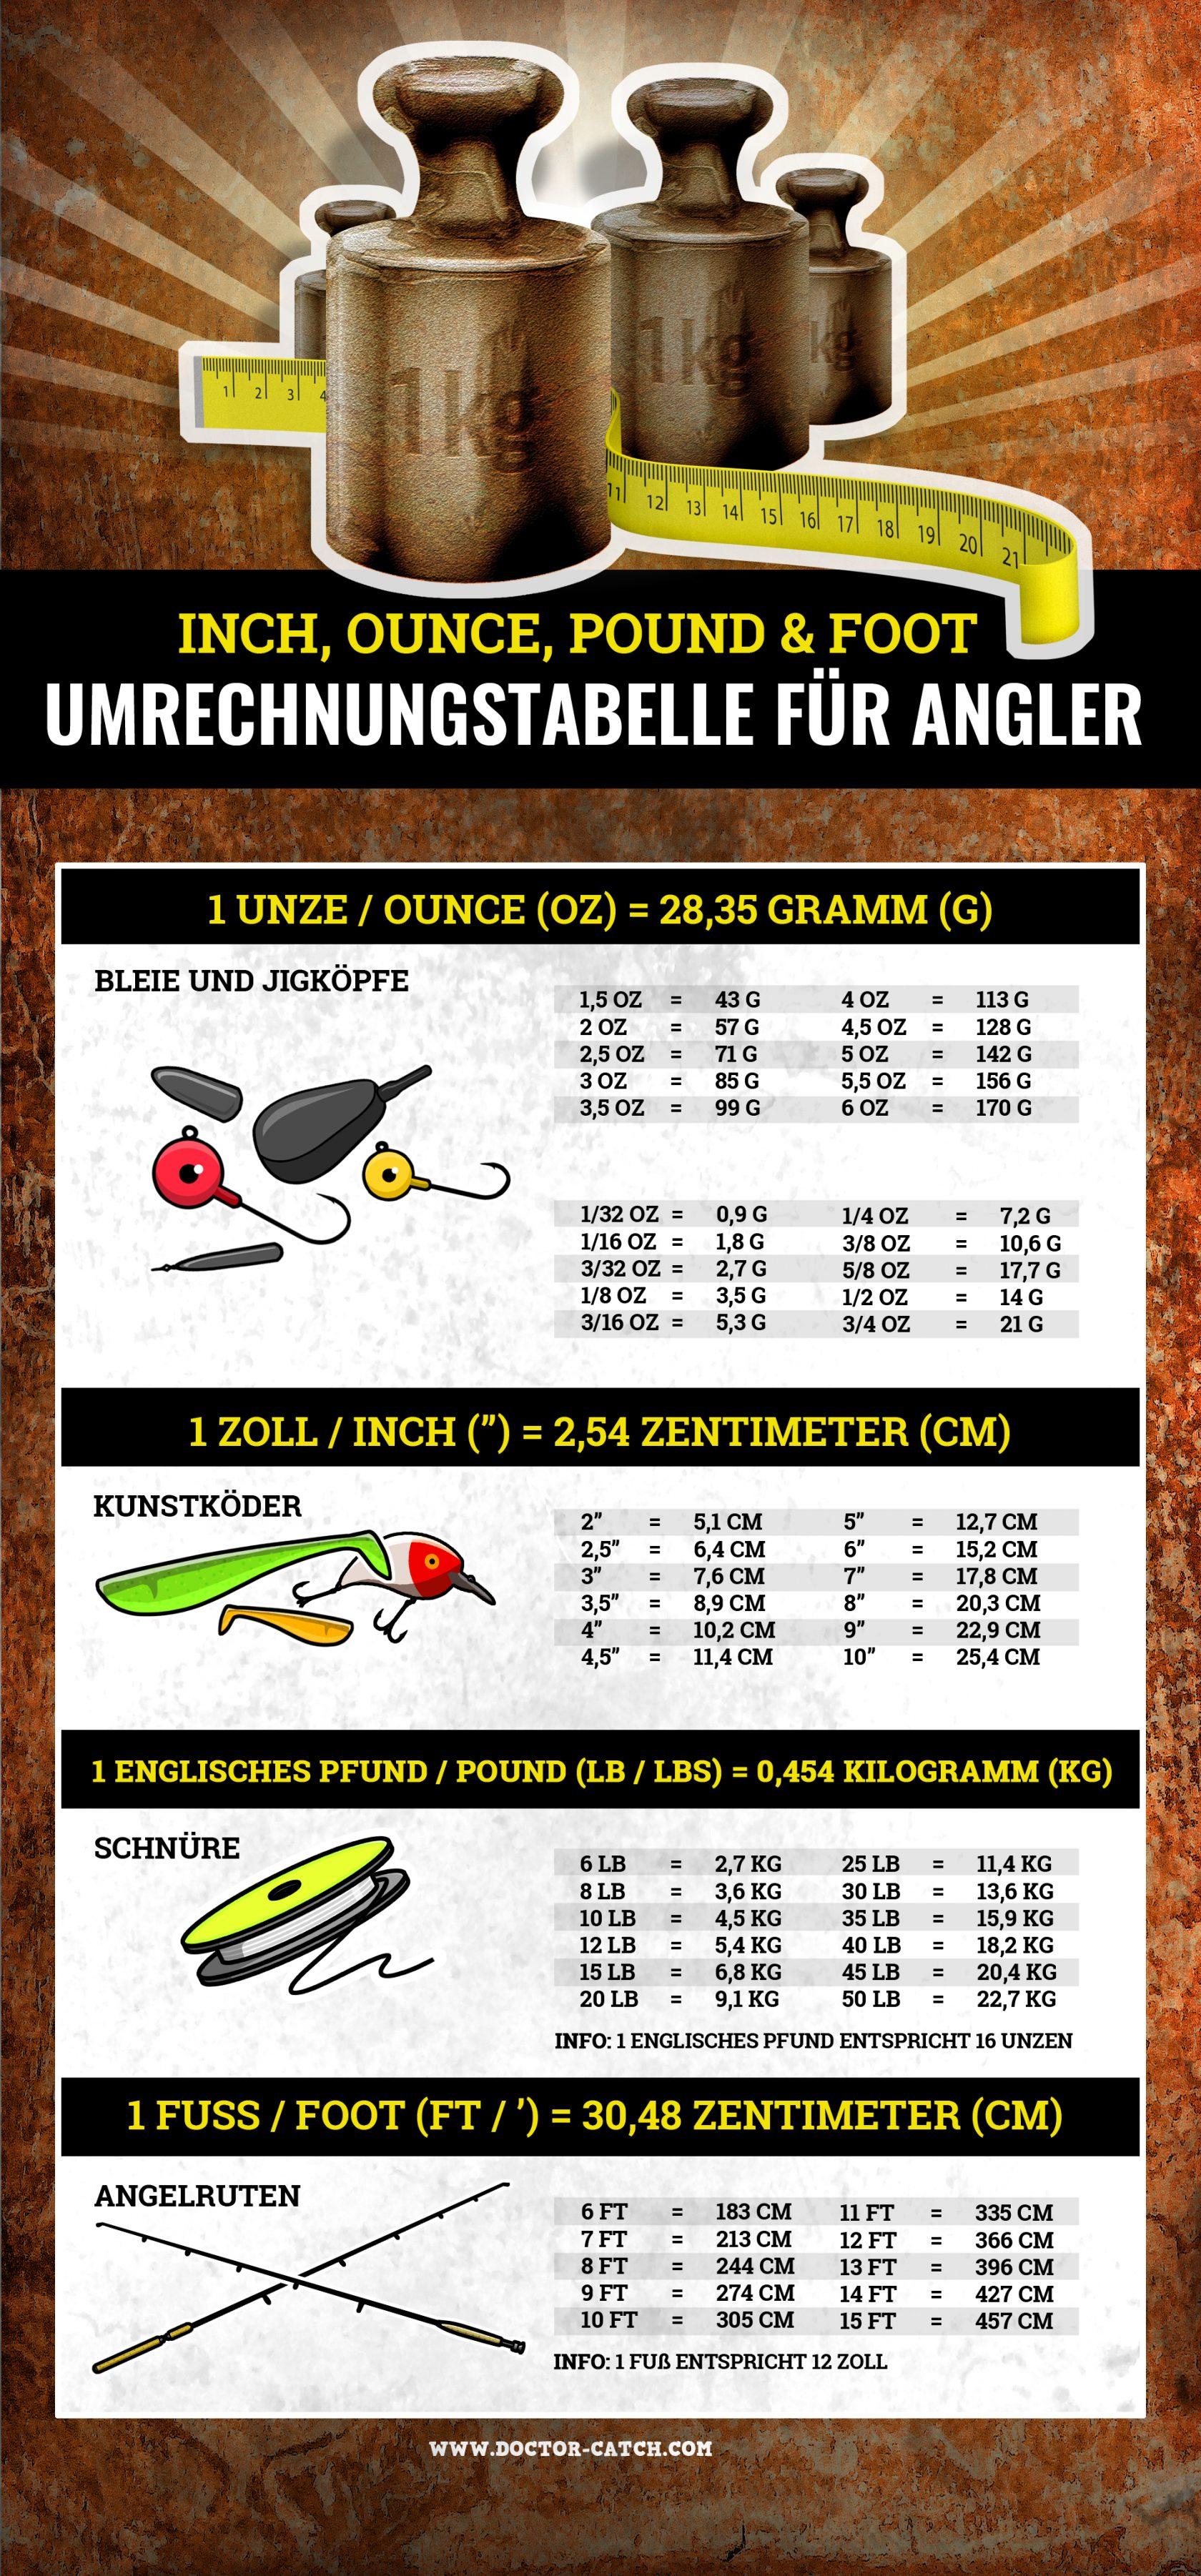 Umrechnungstabelle Angeln: oz, inch, ft, lbs